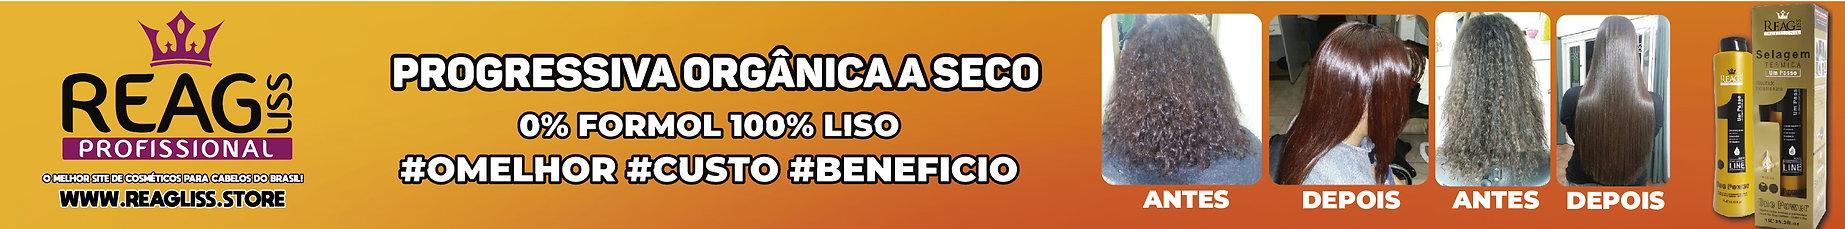 banners_reag_liss_Prancheta 1 cópia 7.jpg